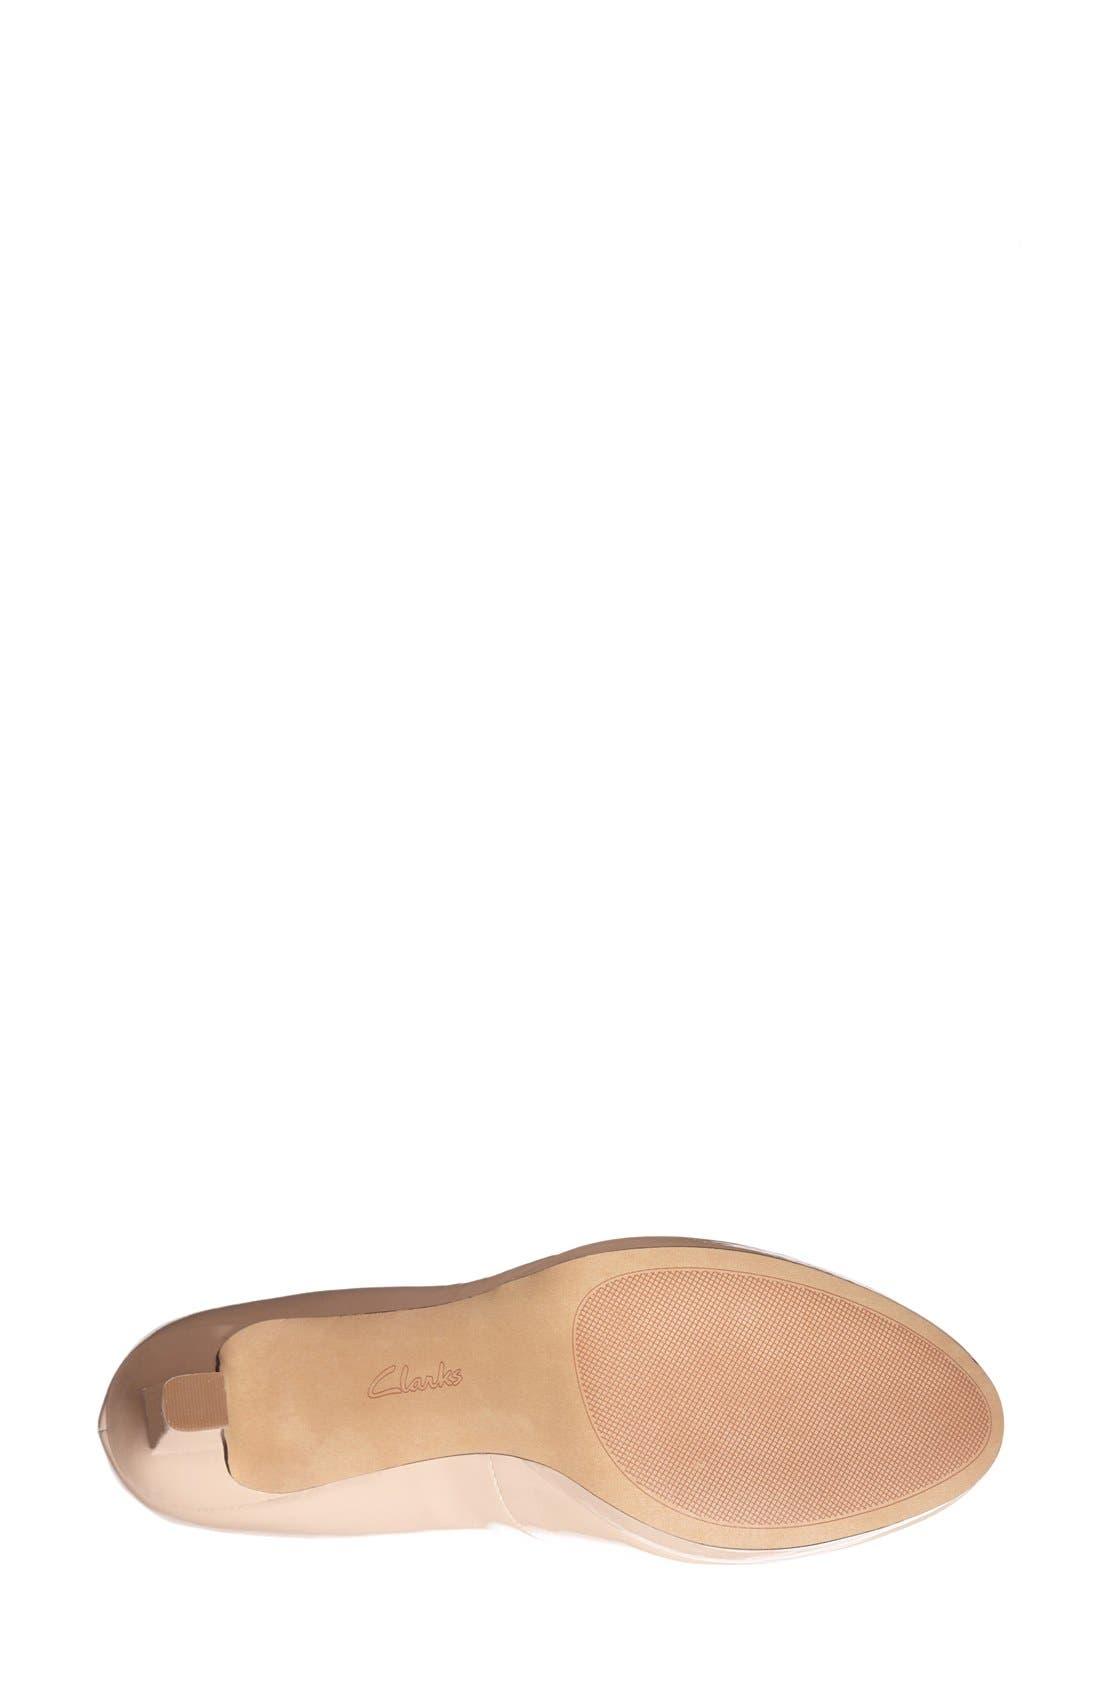 'Delsie Bliss' Platform Pump,                             Alternate thumbnail 4, color,                             Nude Patent Leather